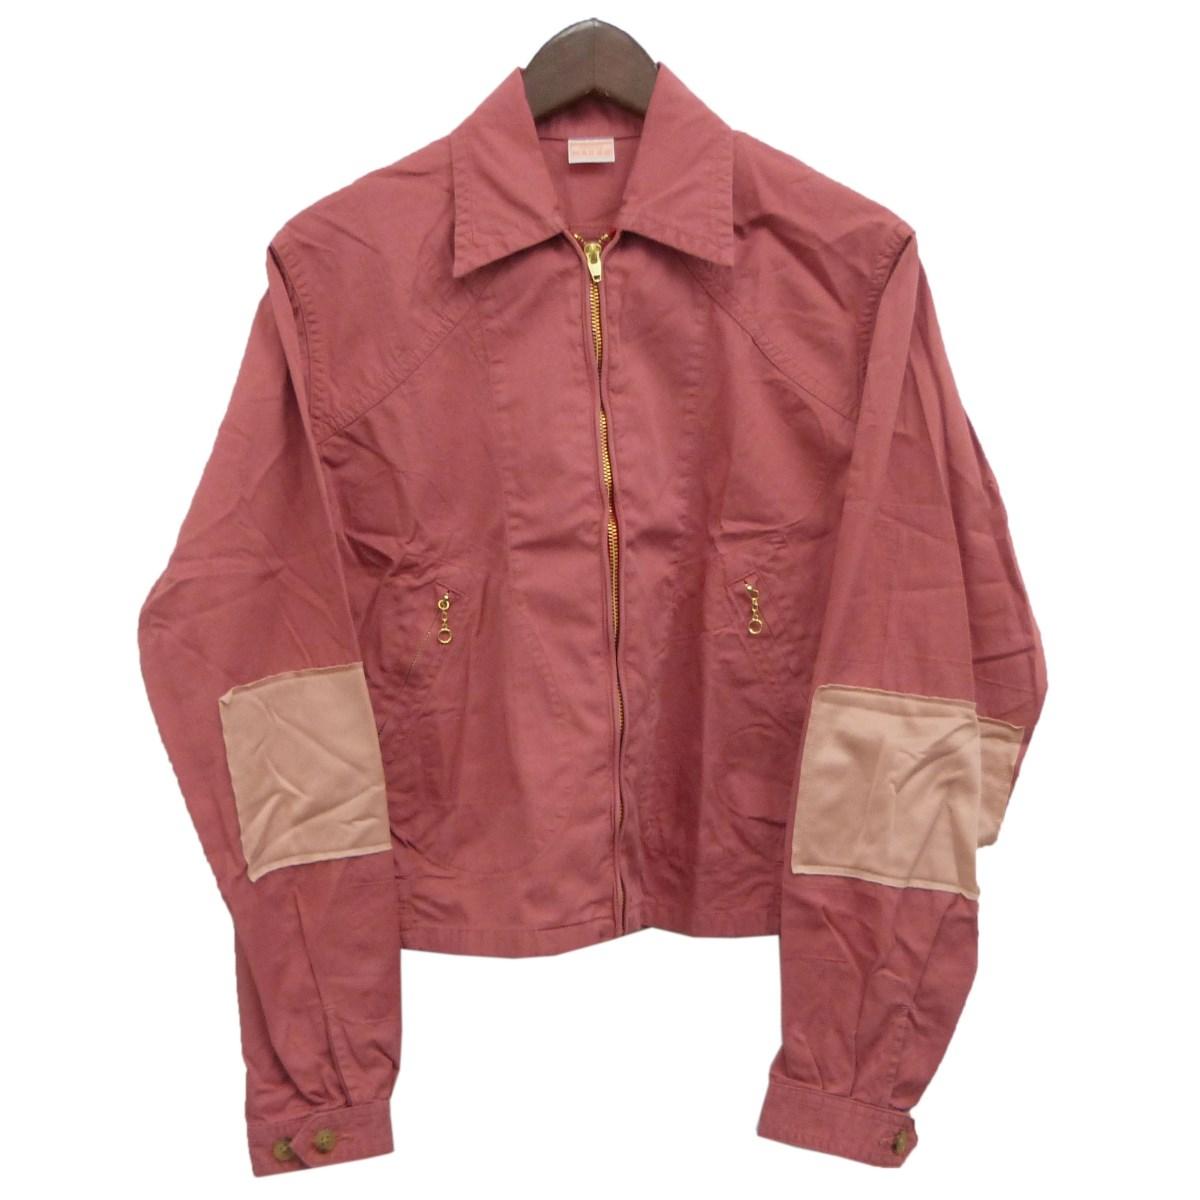 【中古】MAISON EUREKAワークジャケット ピンク サイズ:S 【4月20日見直し】